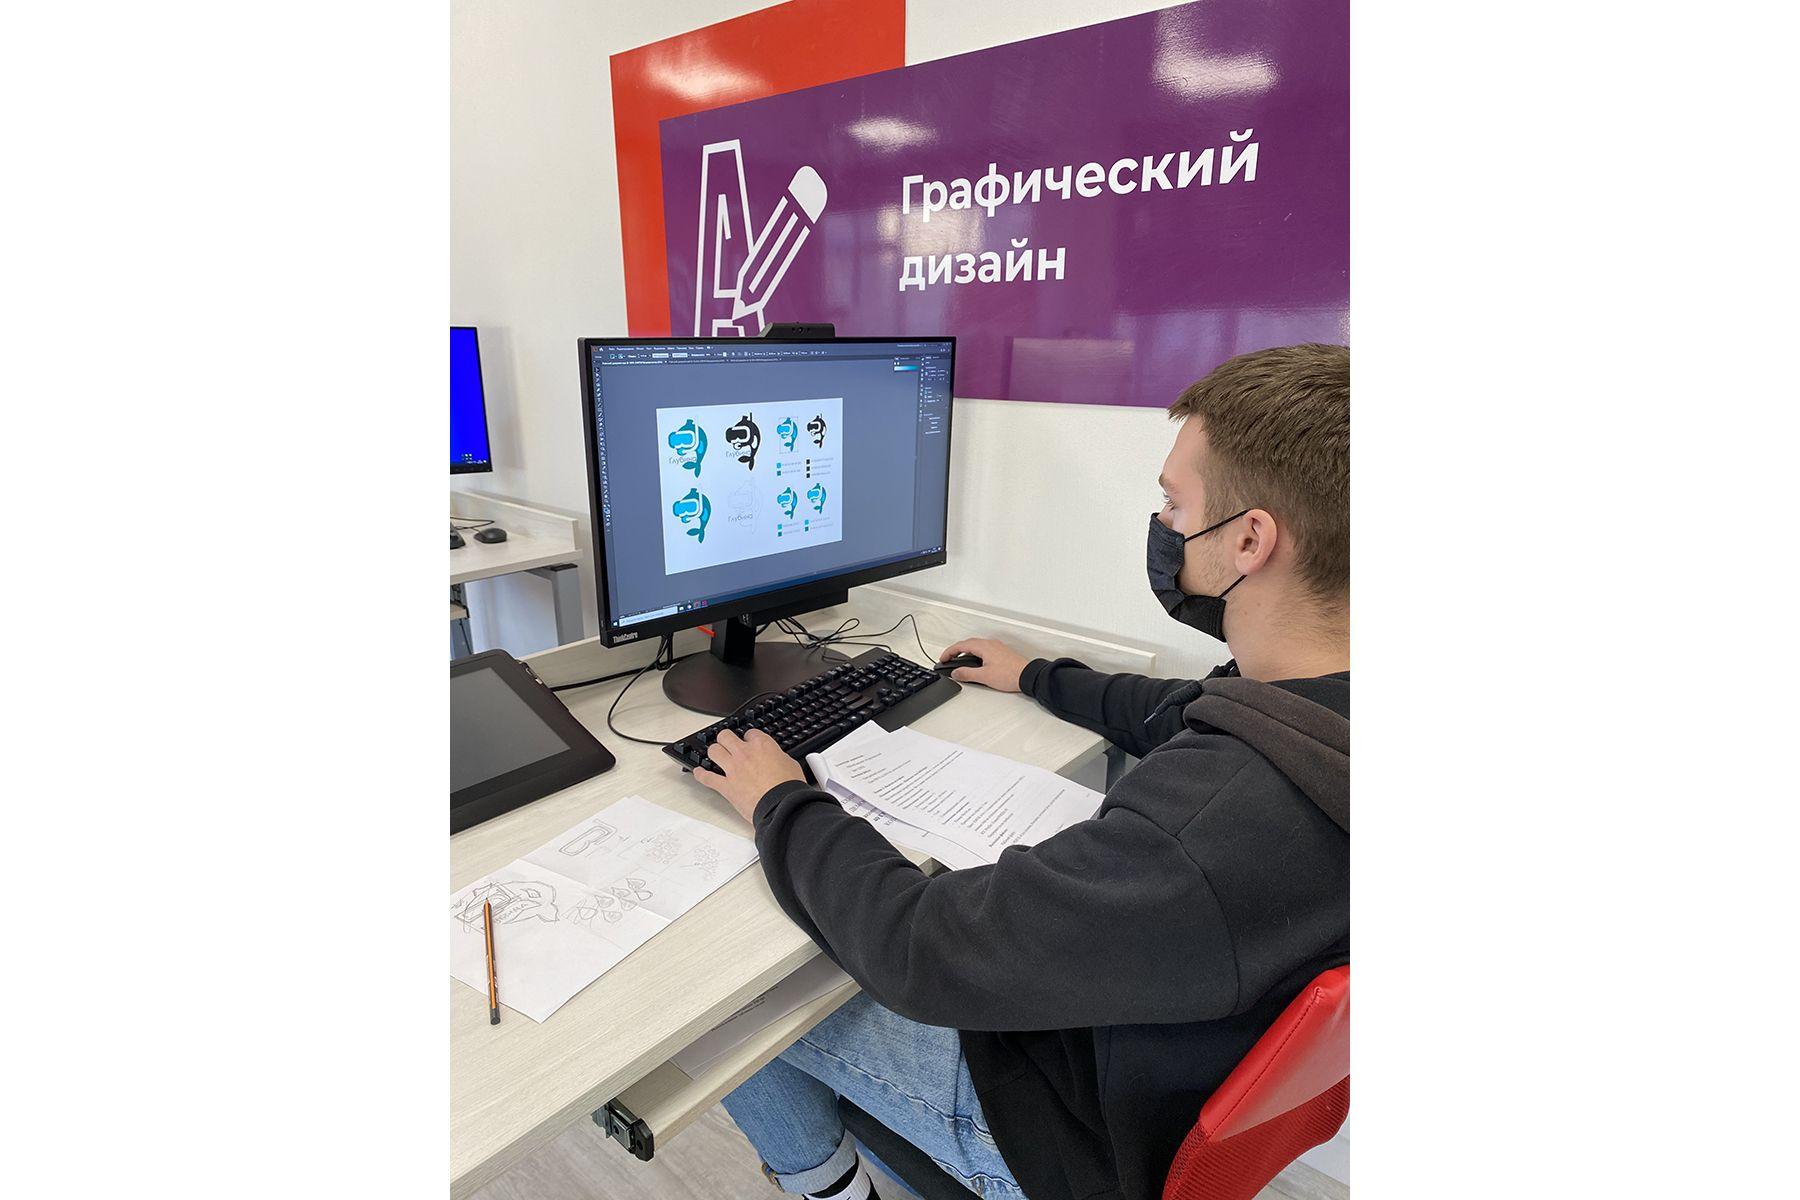 От подводных экспедиций до кинофестиваля: студенты ВГУЭС успешно сдали демонстрационный экзамен по стандартам WorldSkills по компетенции «Графический дизайн»